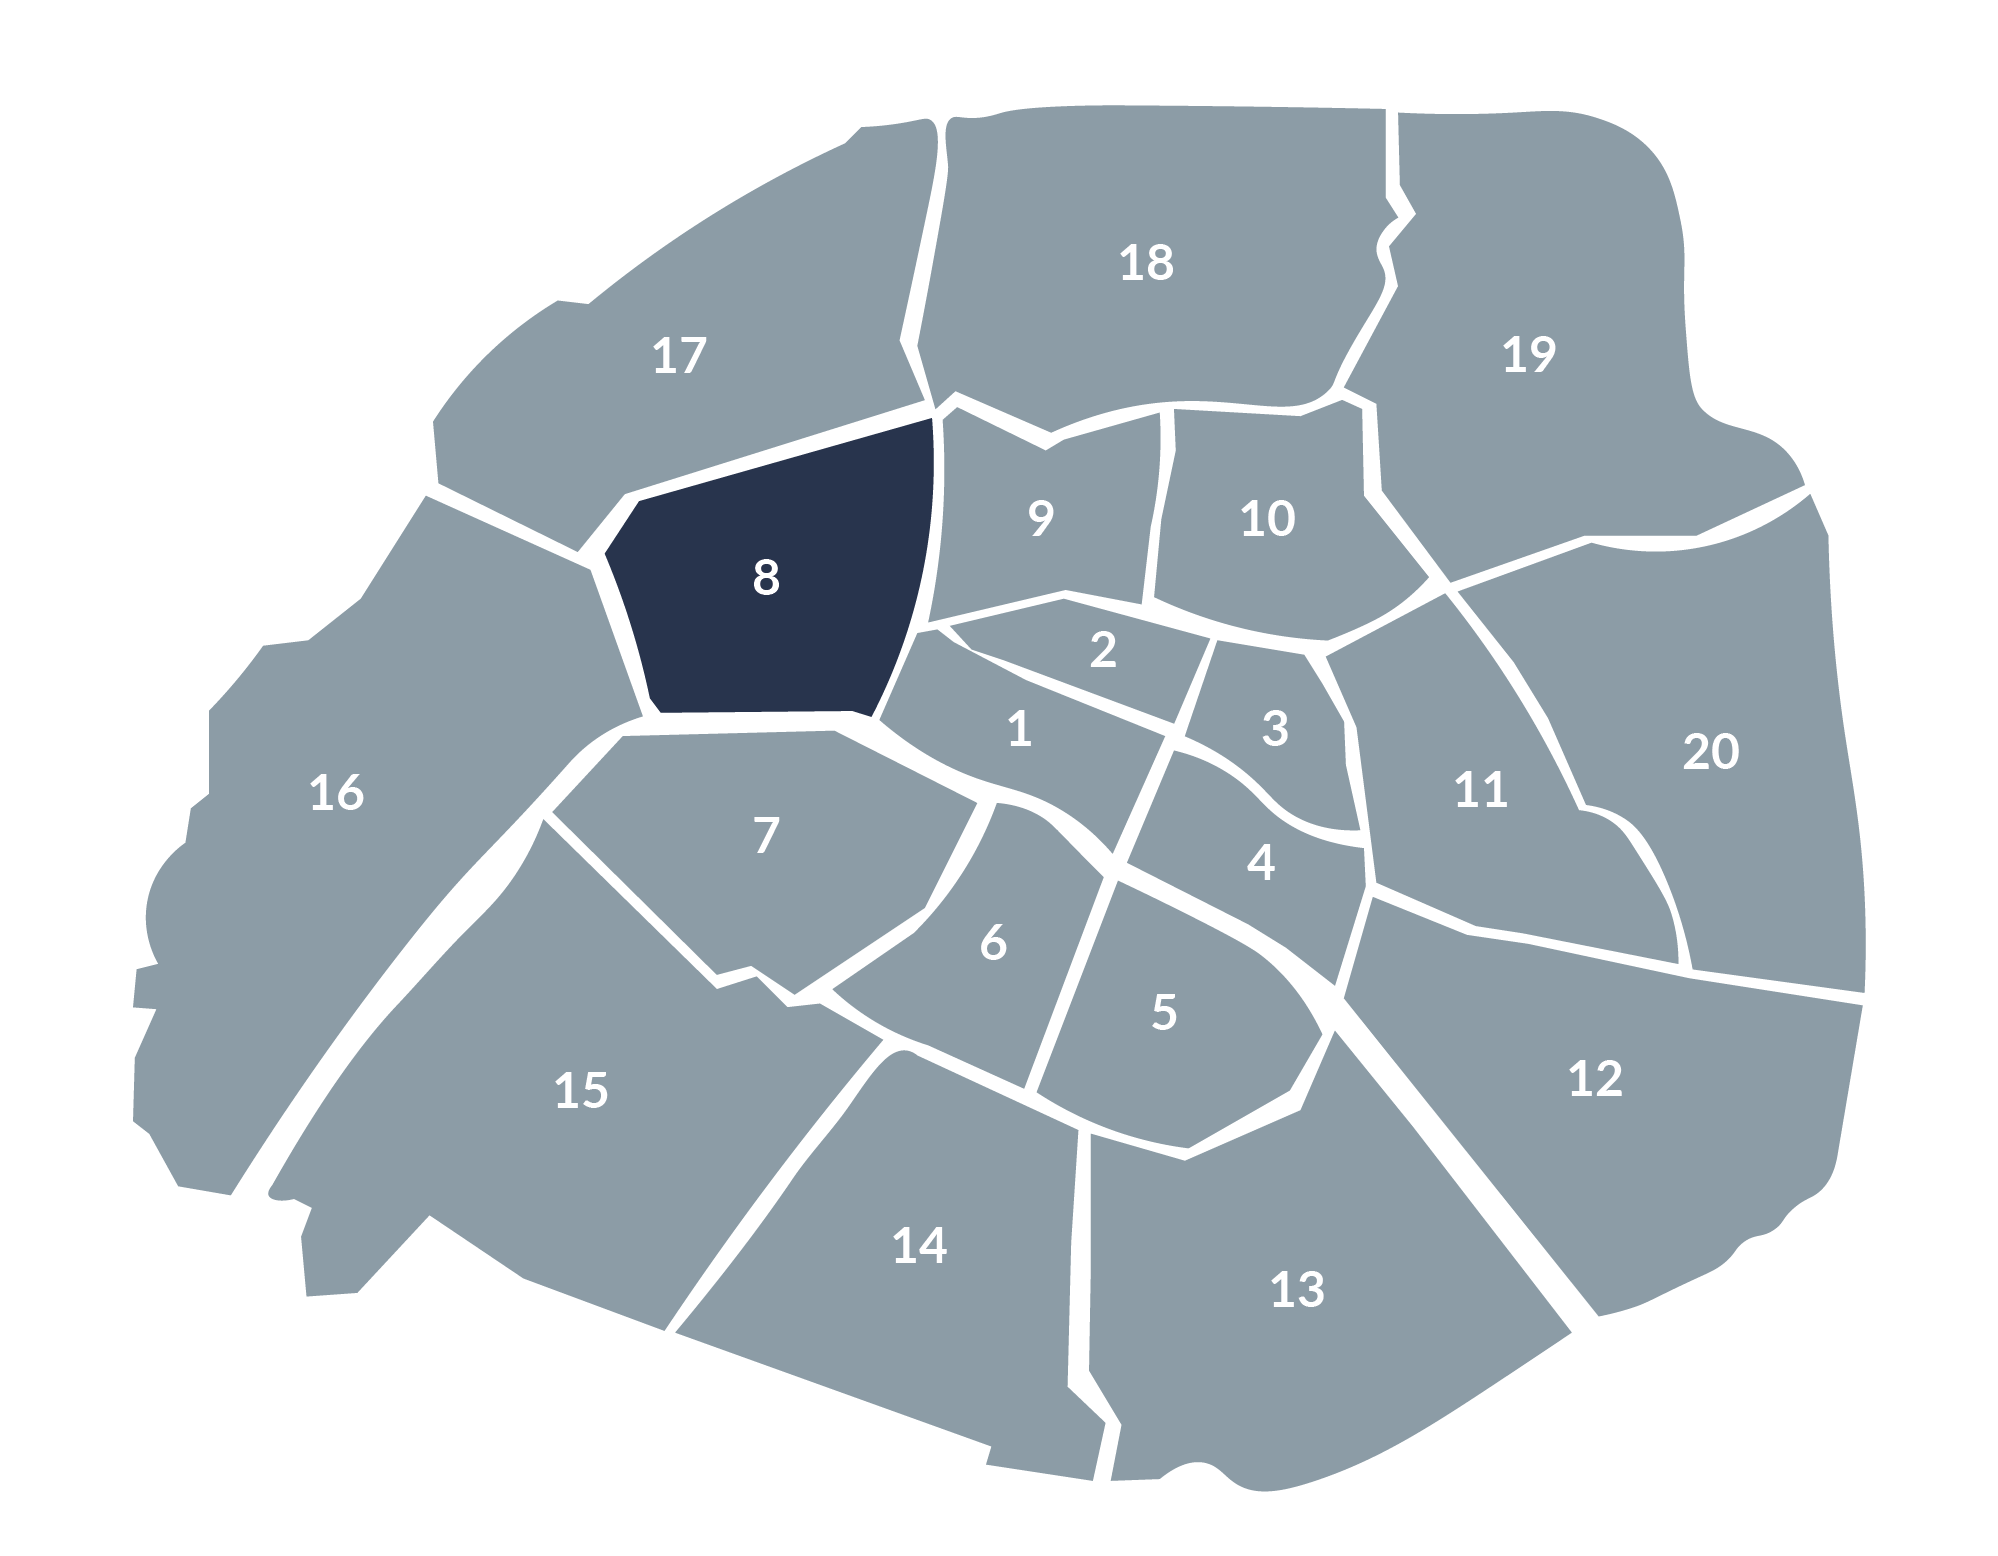 carte paris 8e arrondissement